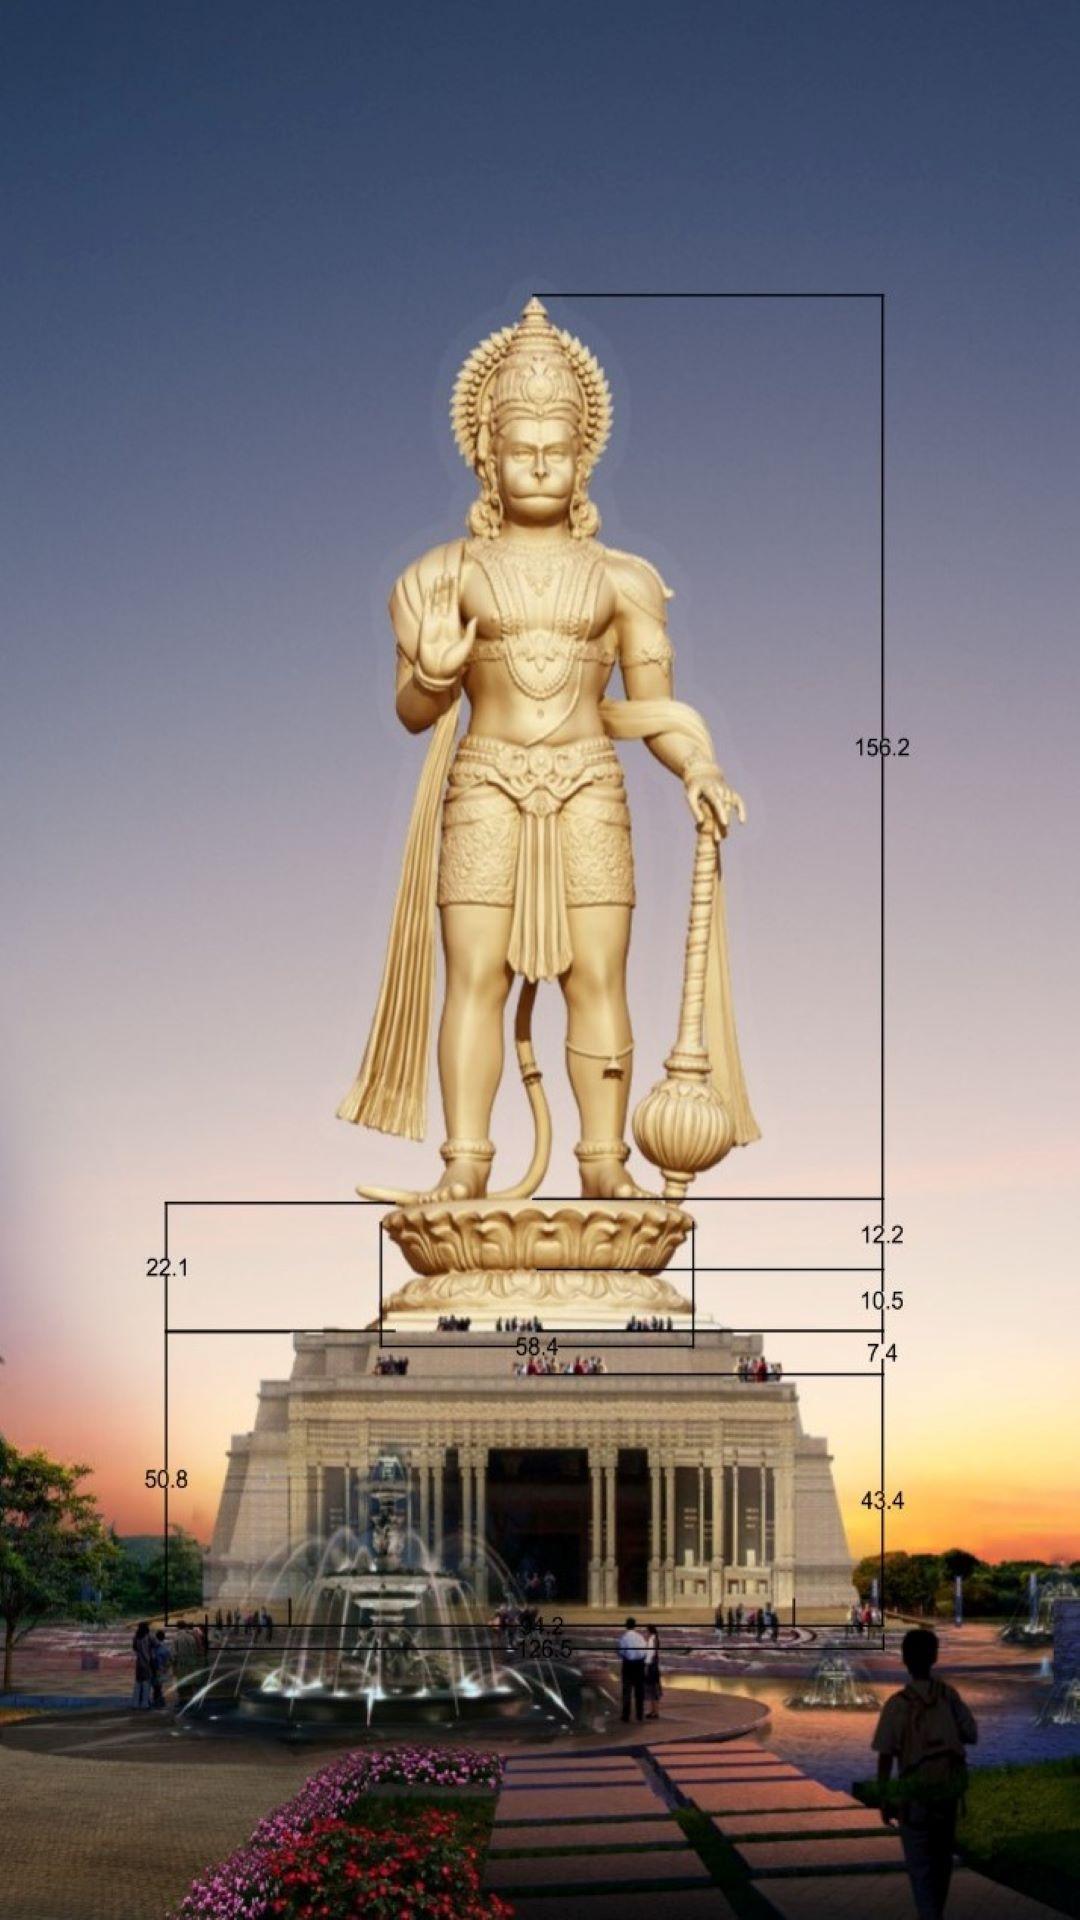 मंदिर के बाहर लगने वाली हनुमान प्रतिमा की डिजाइन। ये प्रतिमा कई किमी दूर से दिखाई देगी। (डिजाइन में दी गई ऊंचाई फीट में है।)